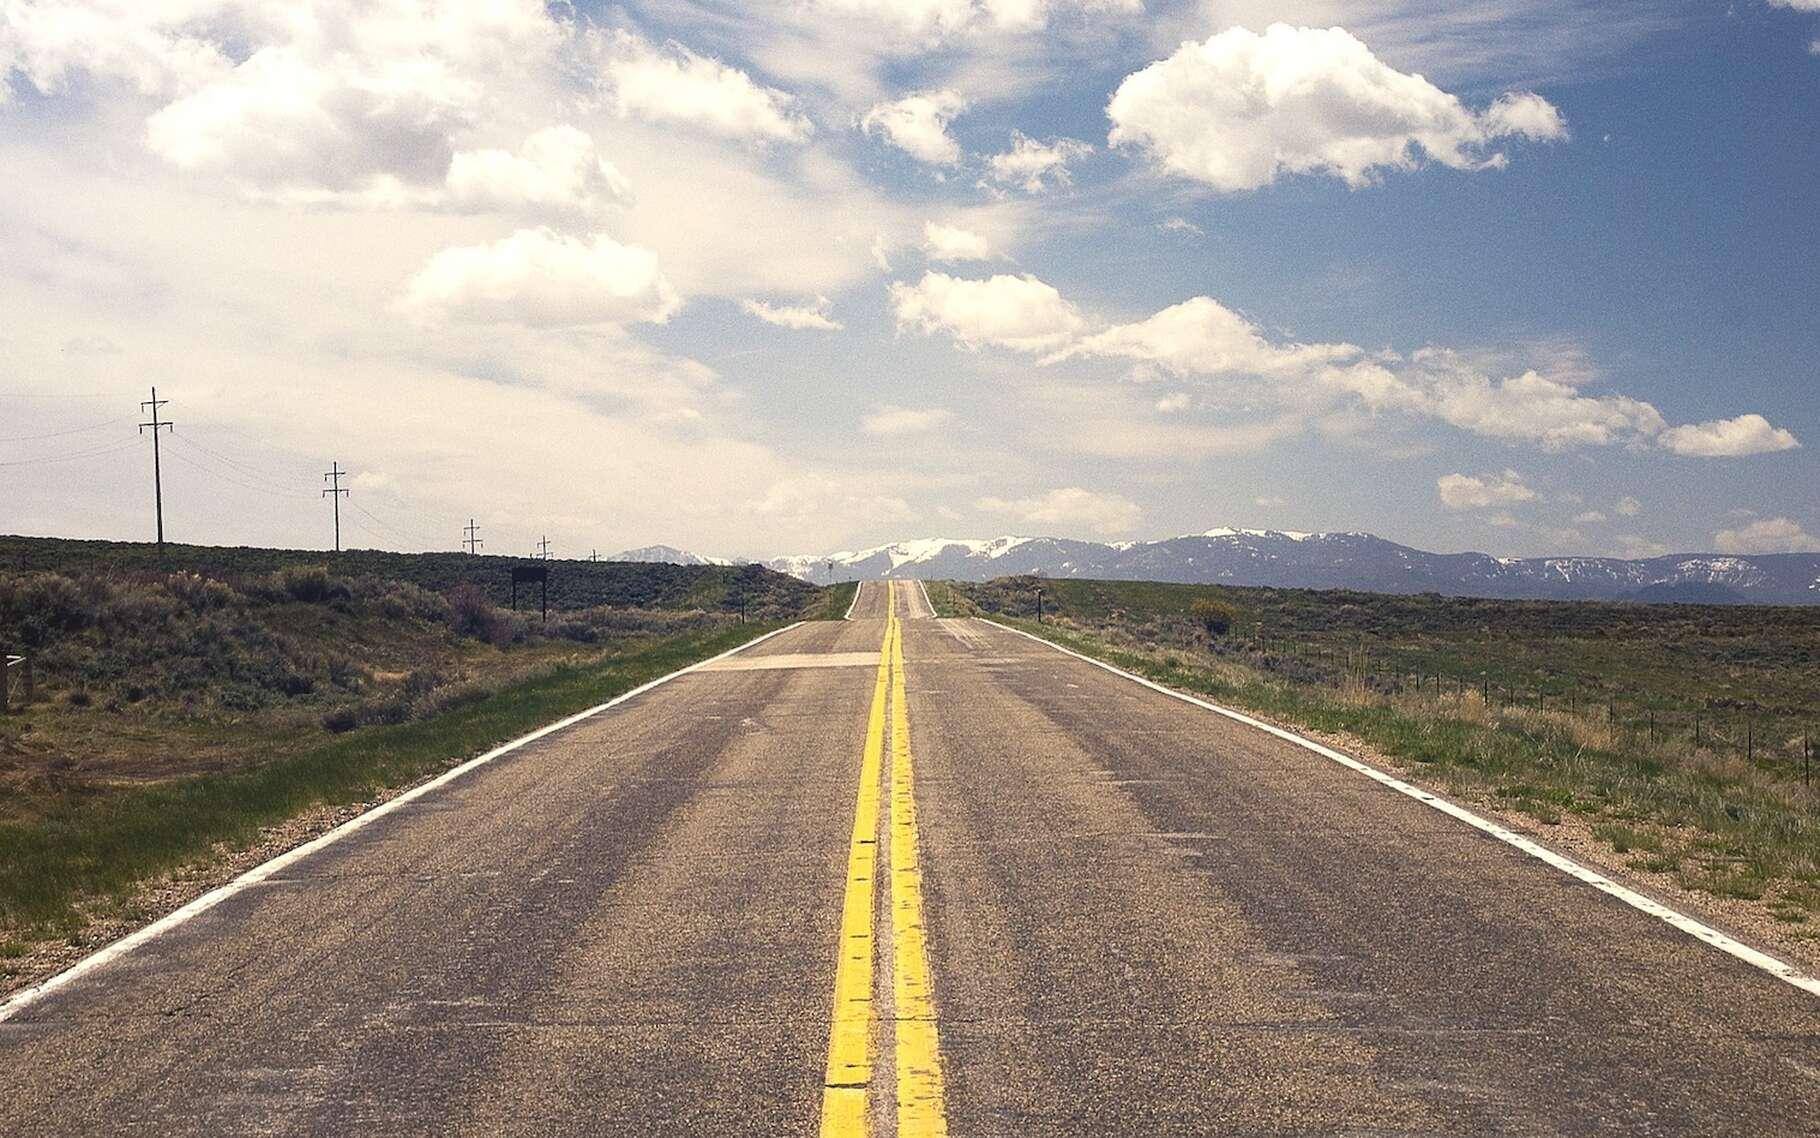 Le road trip, c'est une façon différente d'envisager ses vacances. Une façon de découvrir la France sous un angle nouveau. © RyanMcGuire, Pixabay License